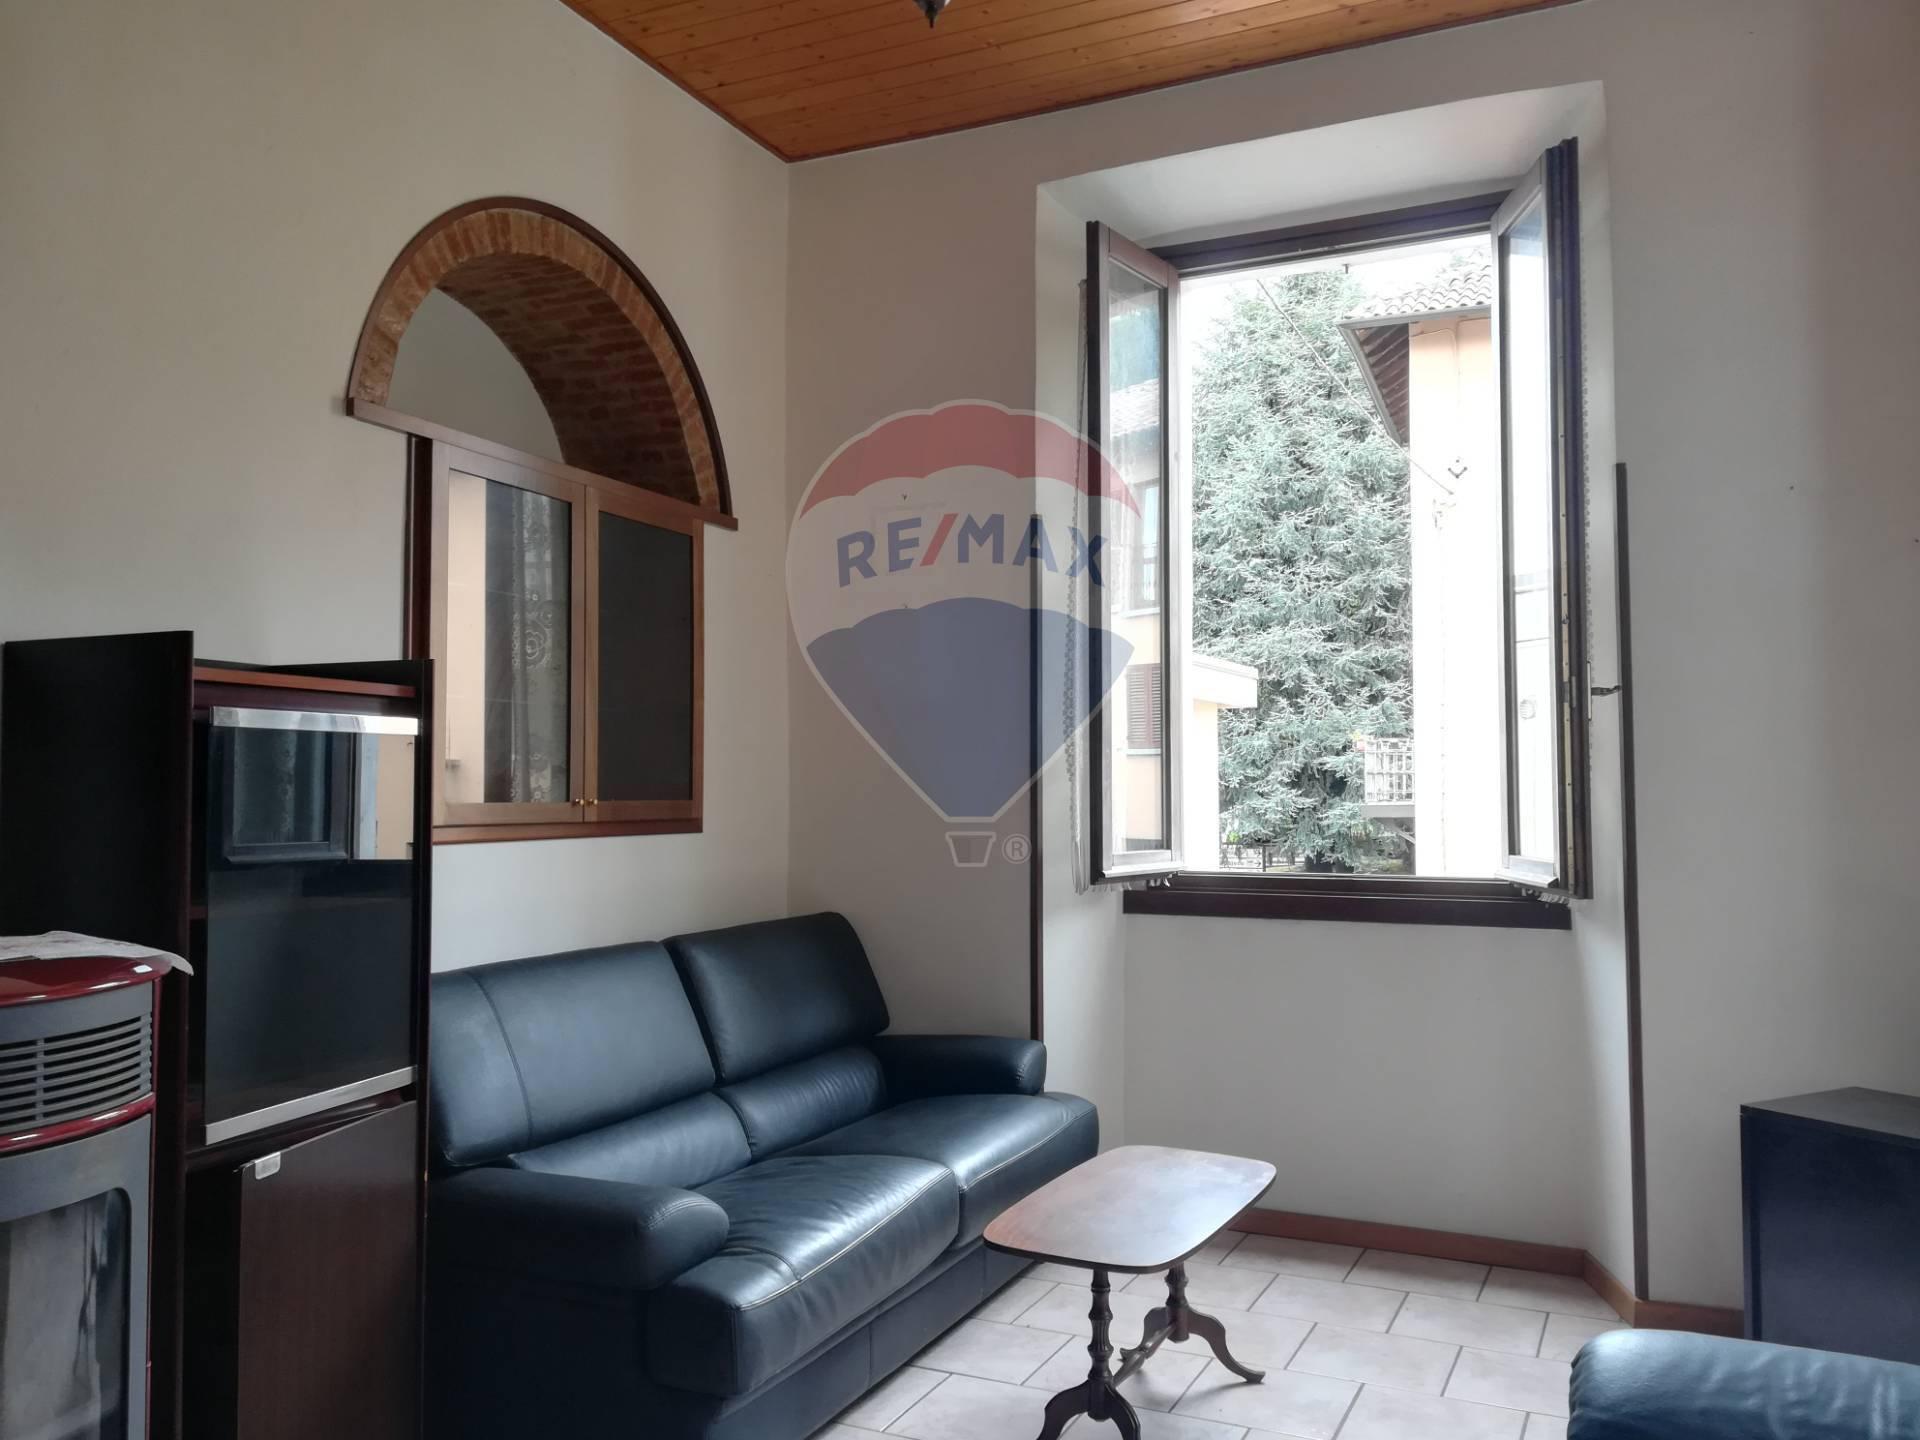 Appartamento in vendita a Sirtori, 3 locali, prezzo € 59.000 | CambioCasa.it